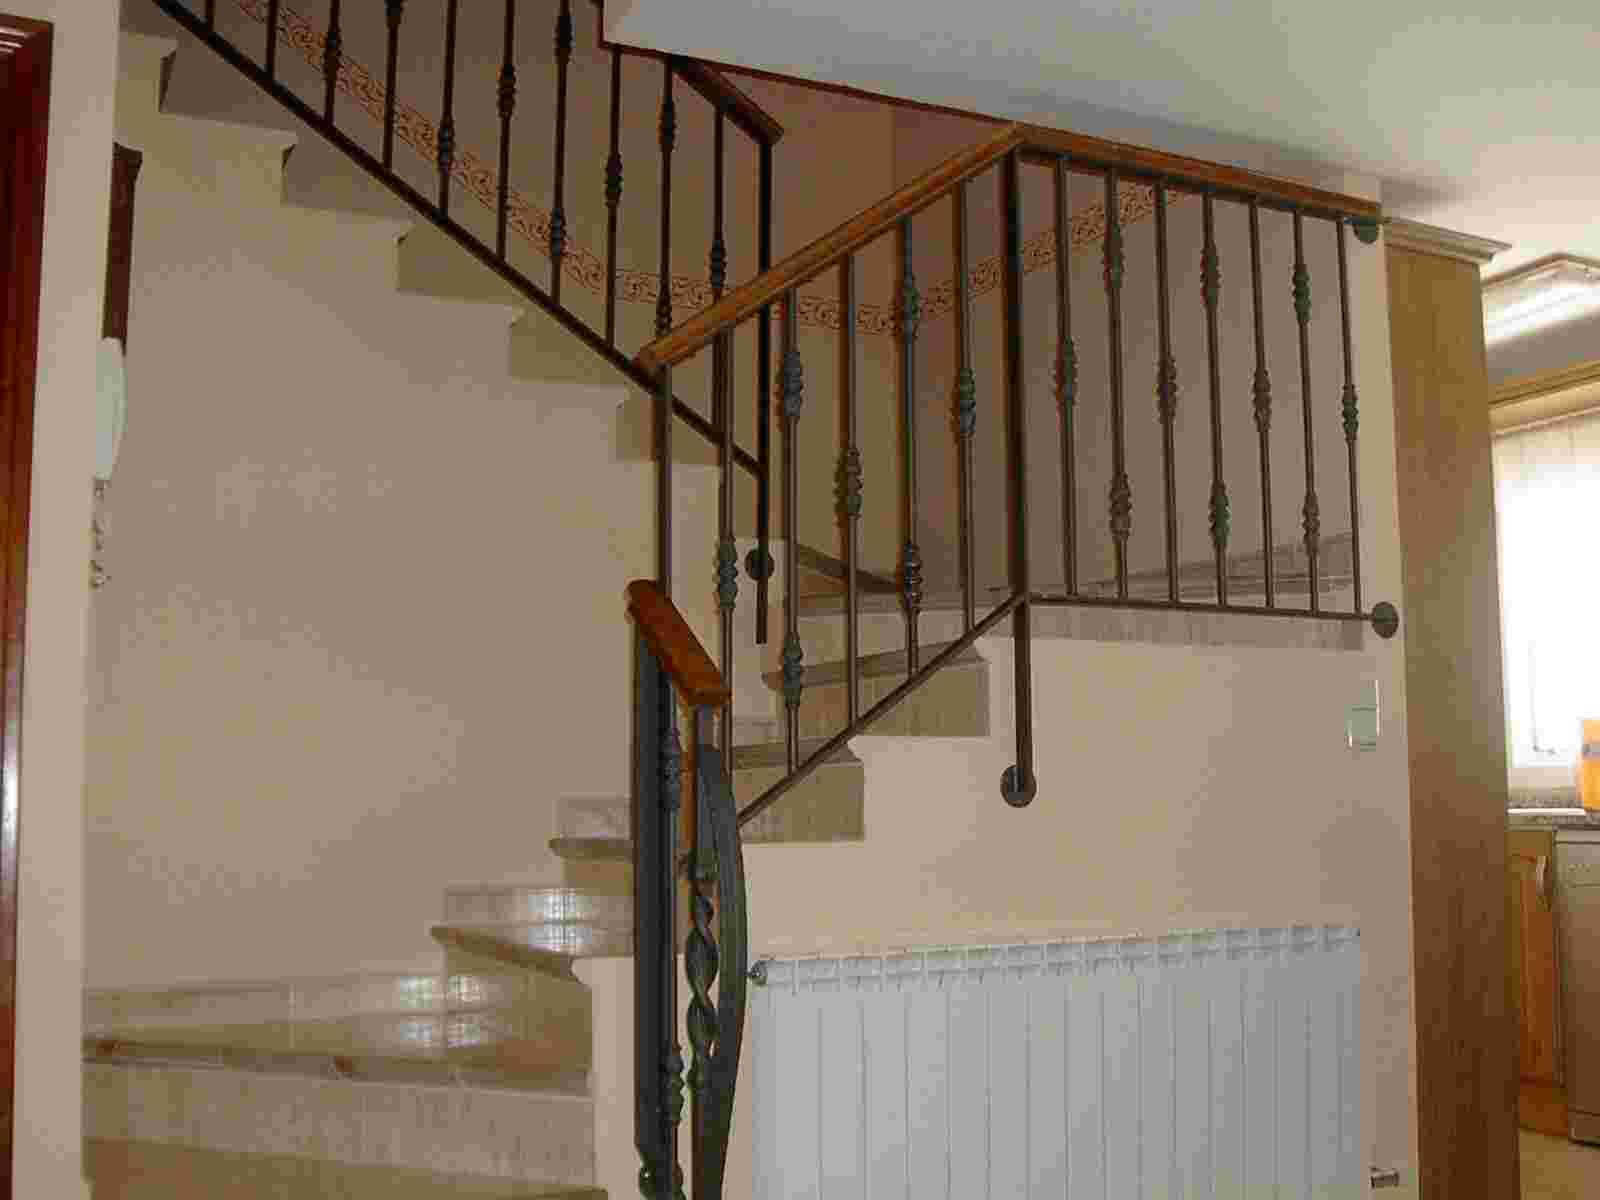 Barandas para escaleras hierro forjado pelautscom tattoo tattooskid - Barandas de madera para escaleras ...